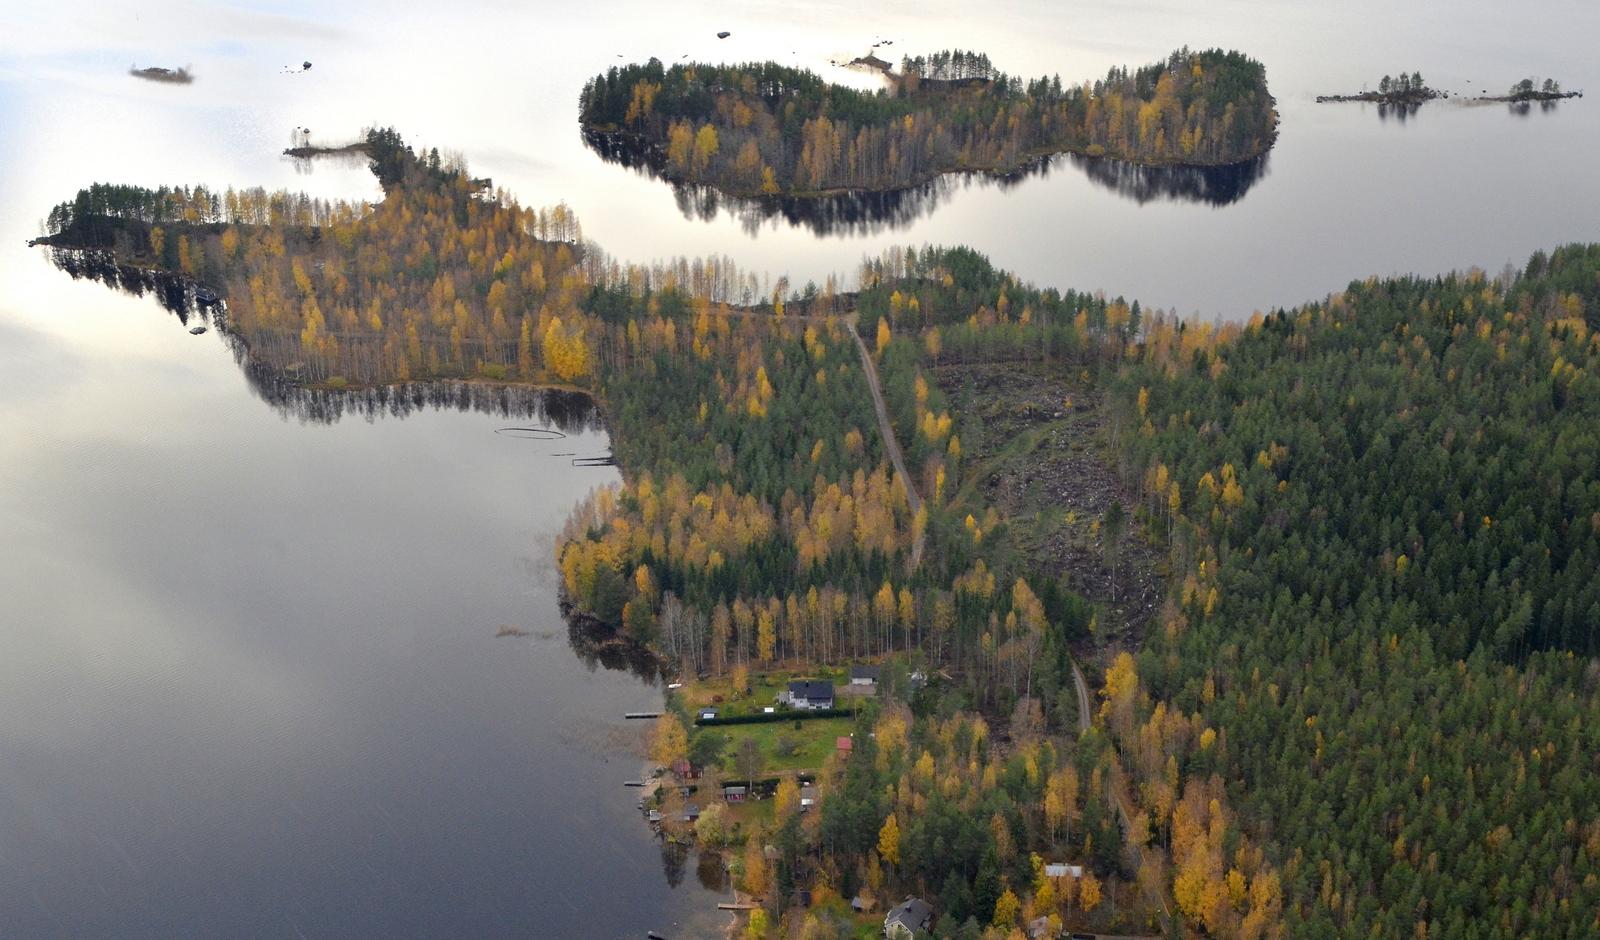 """Kalliolahden entisen sahan seutua. Järvestä pilkottaa proomujen """"haamuja""""."""